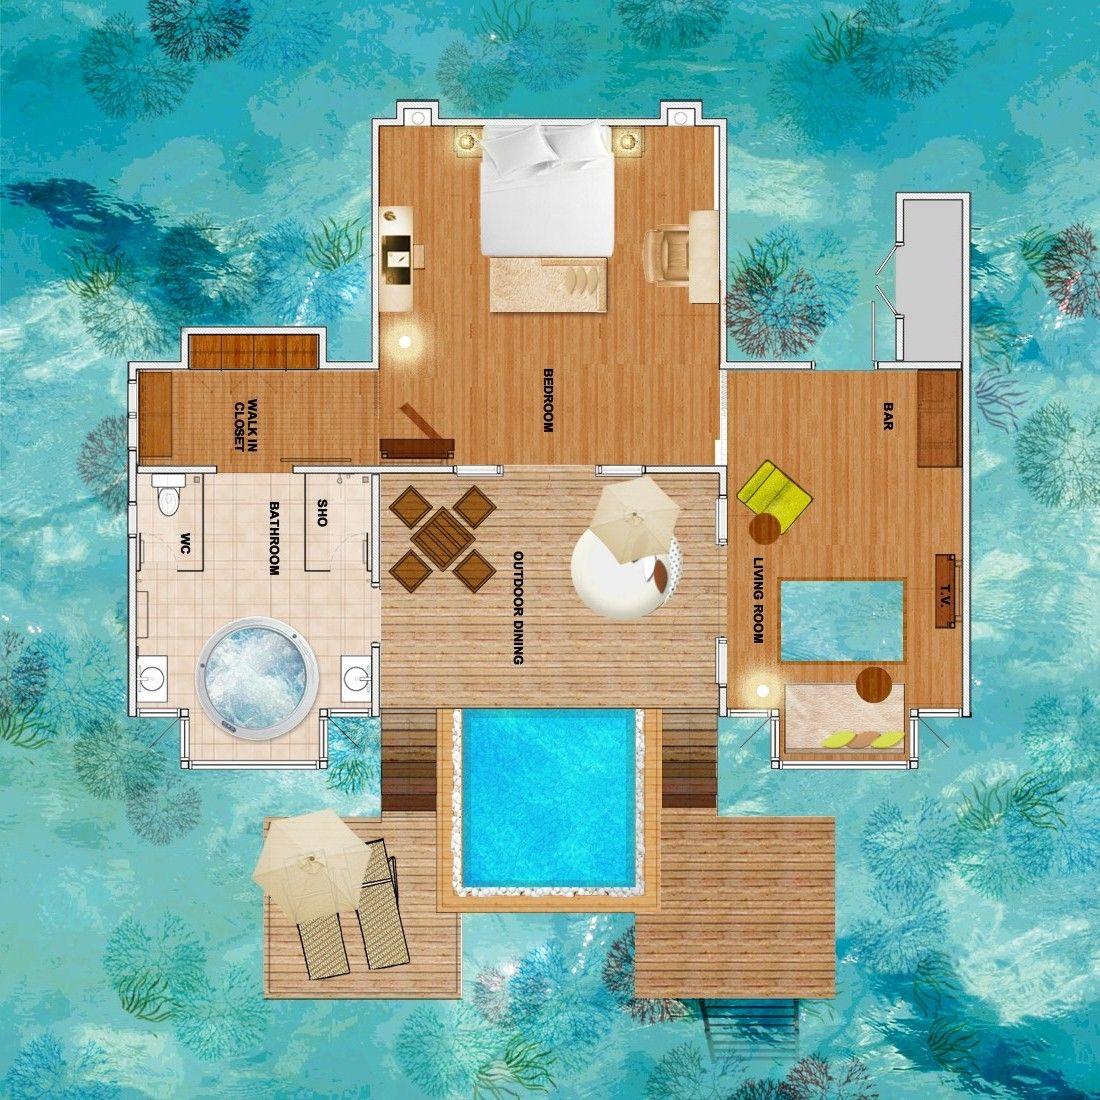 Overwater Bungalow Floor Plan - Google Search